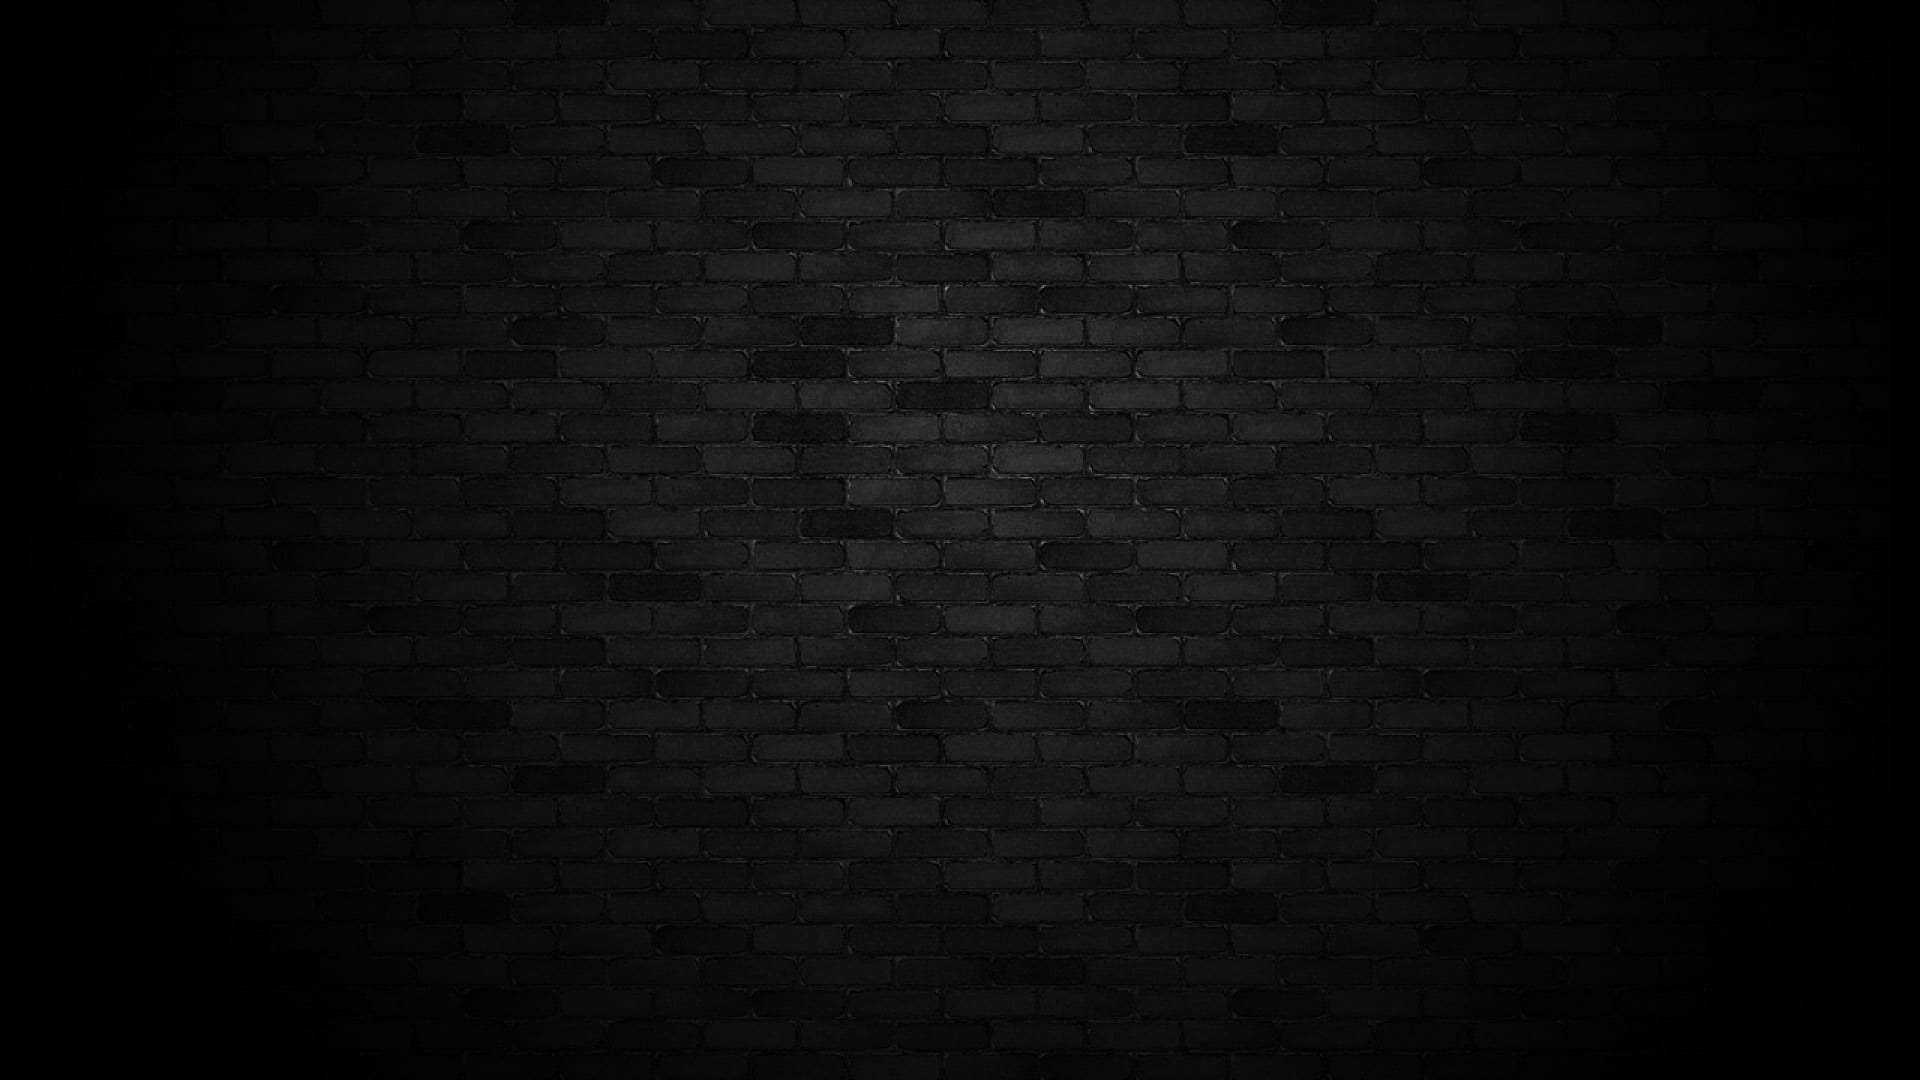 Black Brick Part - 42: Our Mission